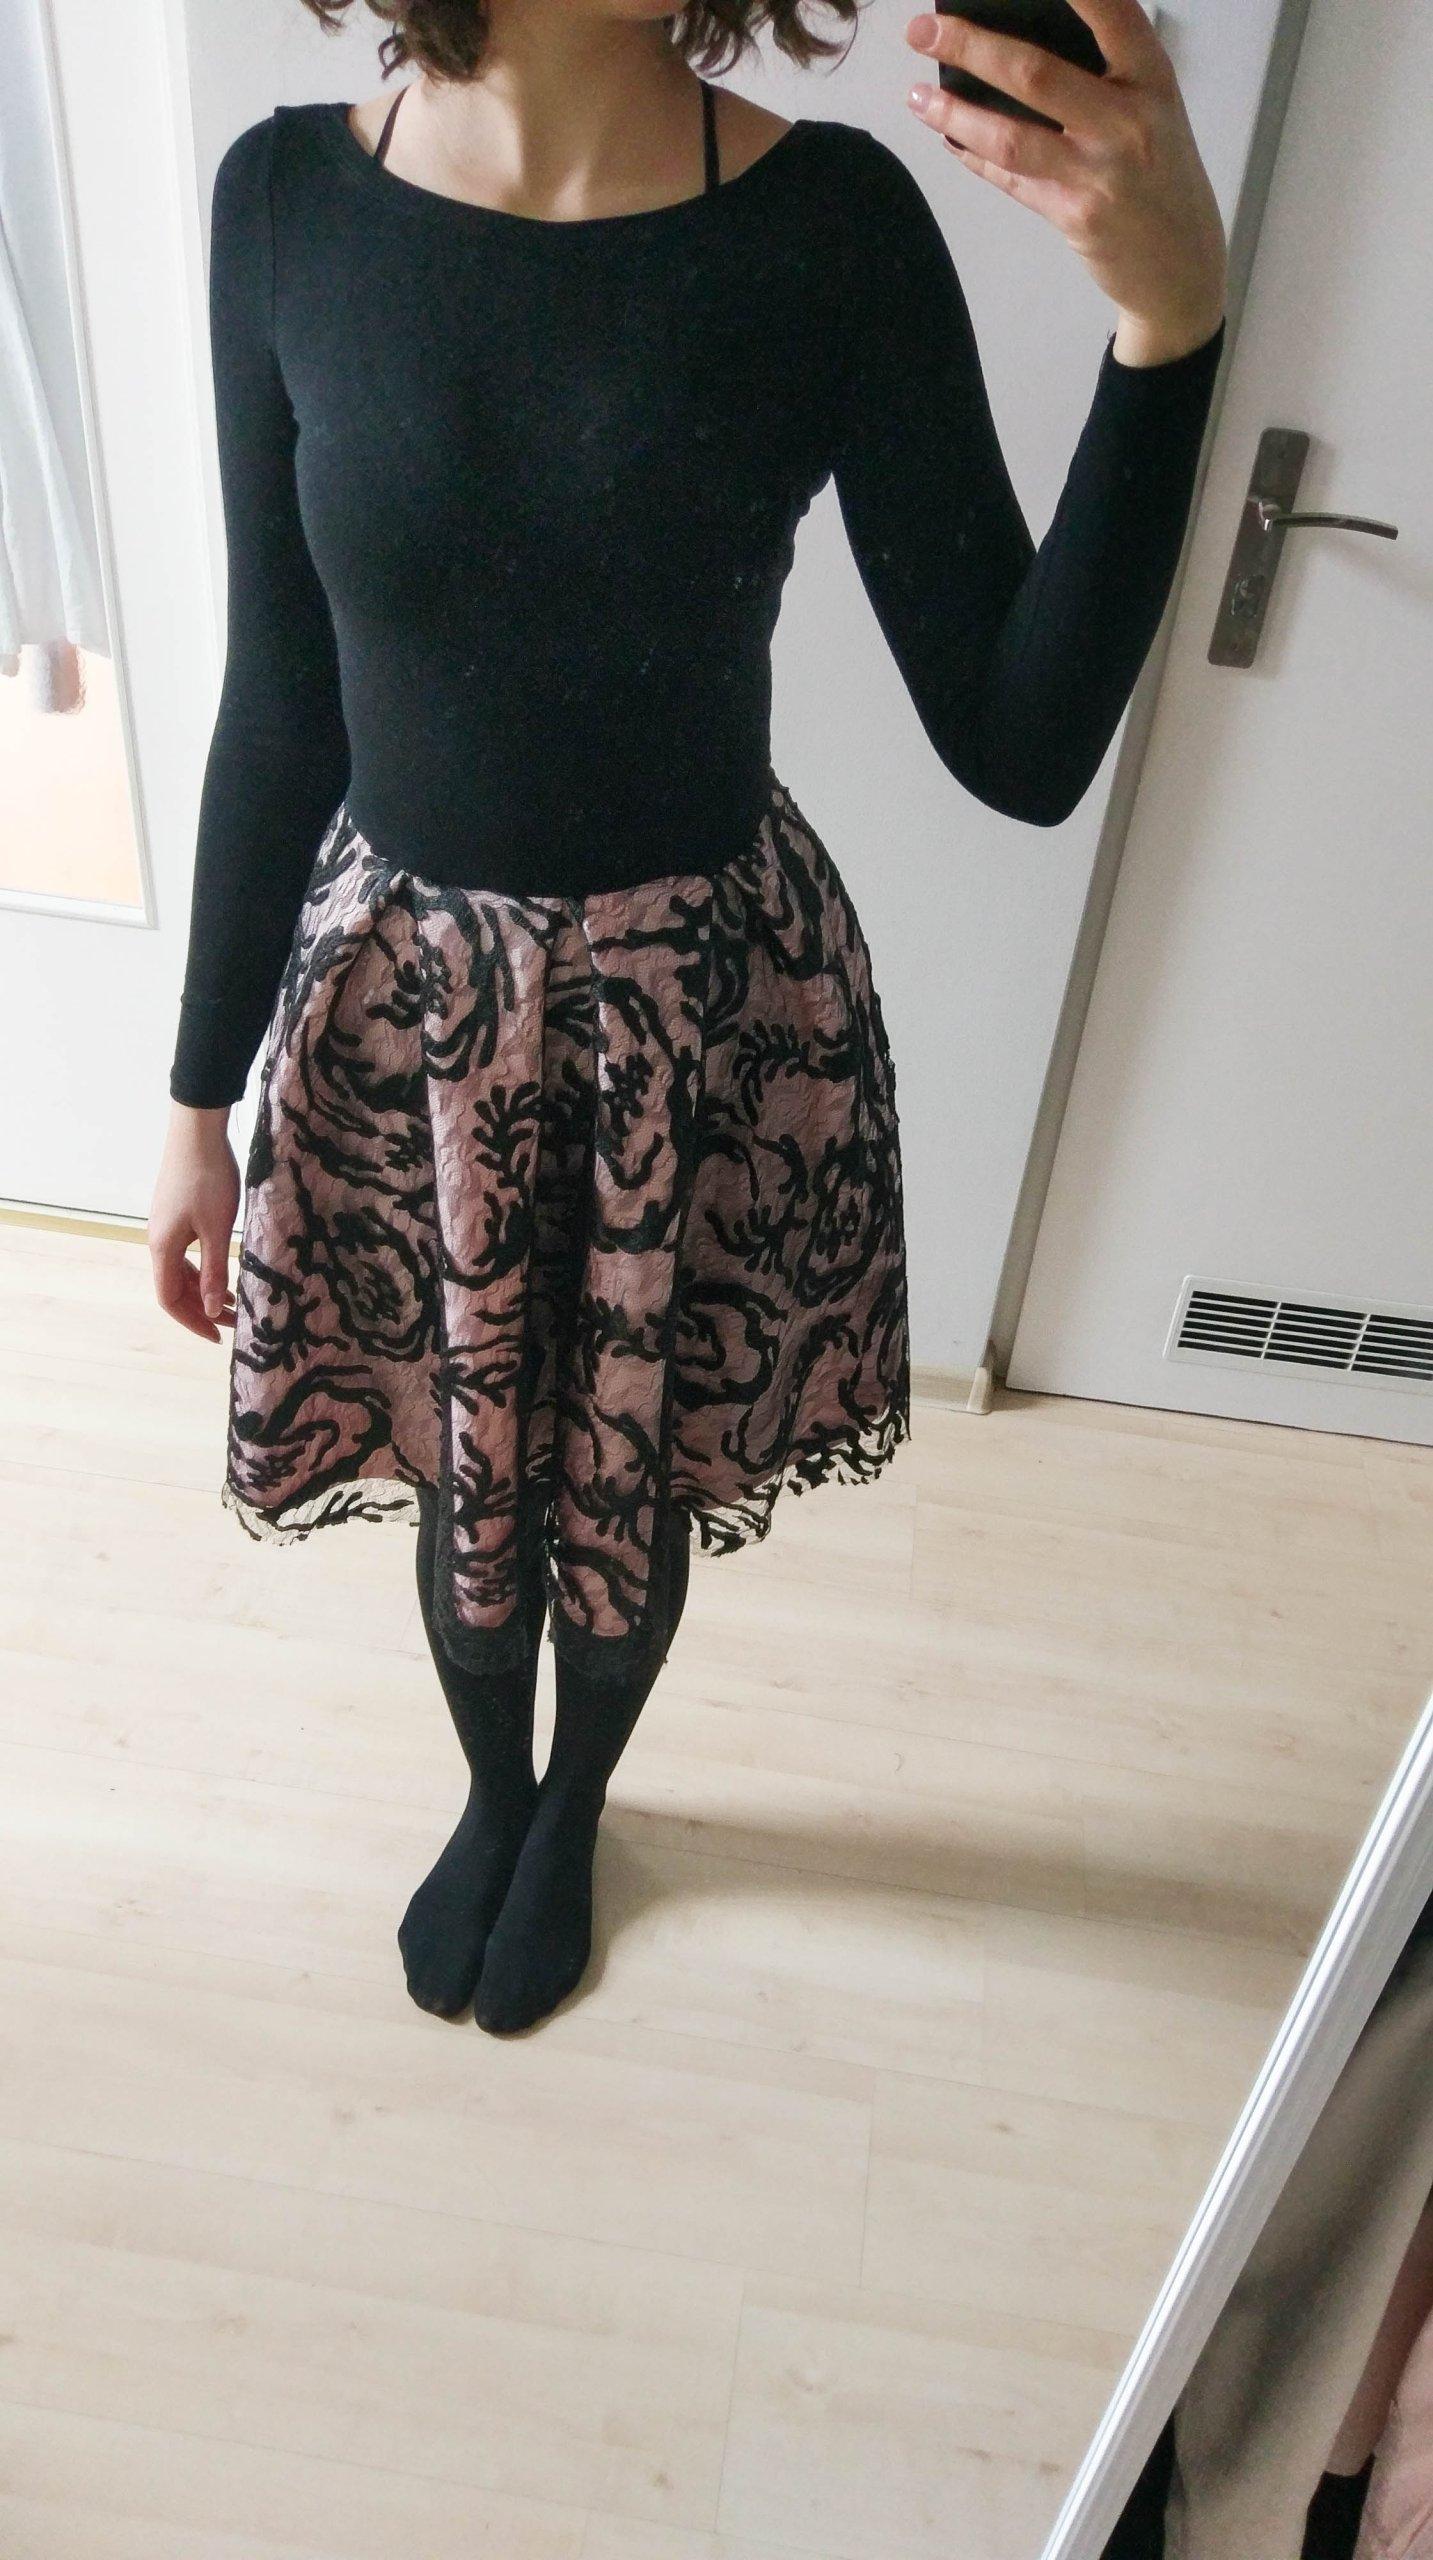 d272e6d5c5 sukienka VUBU czarno-różowa z koronką rozm. S 175 - 7187745486 ...